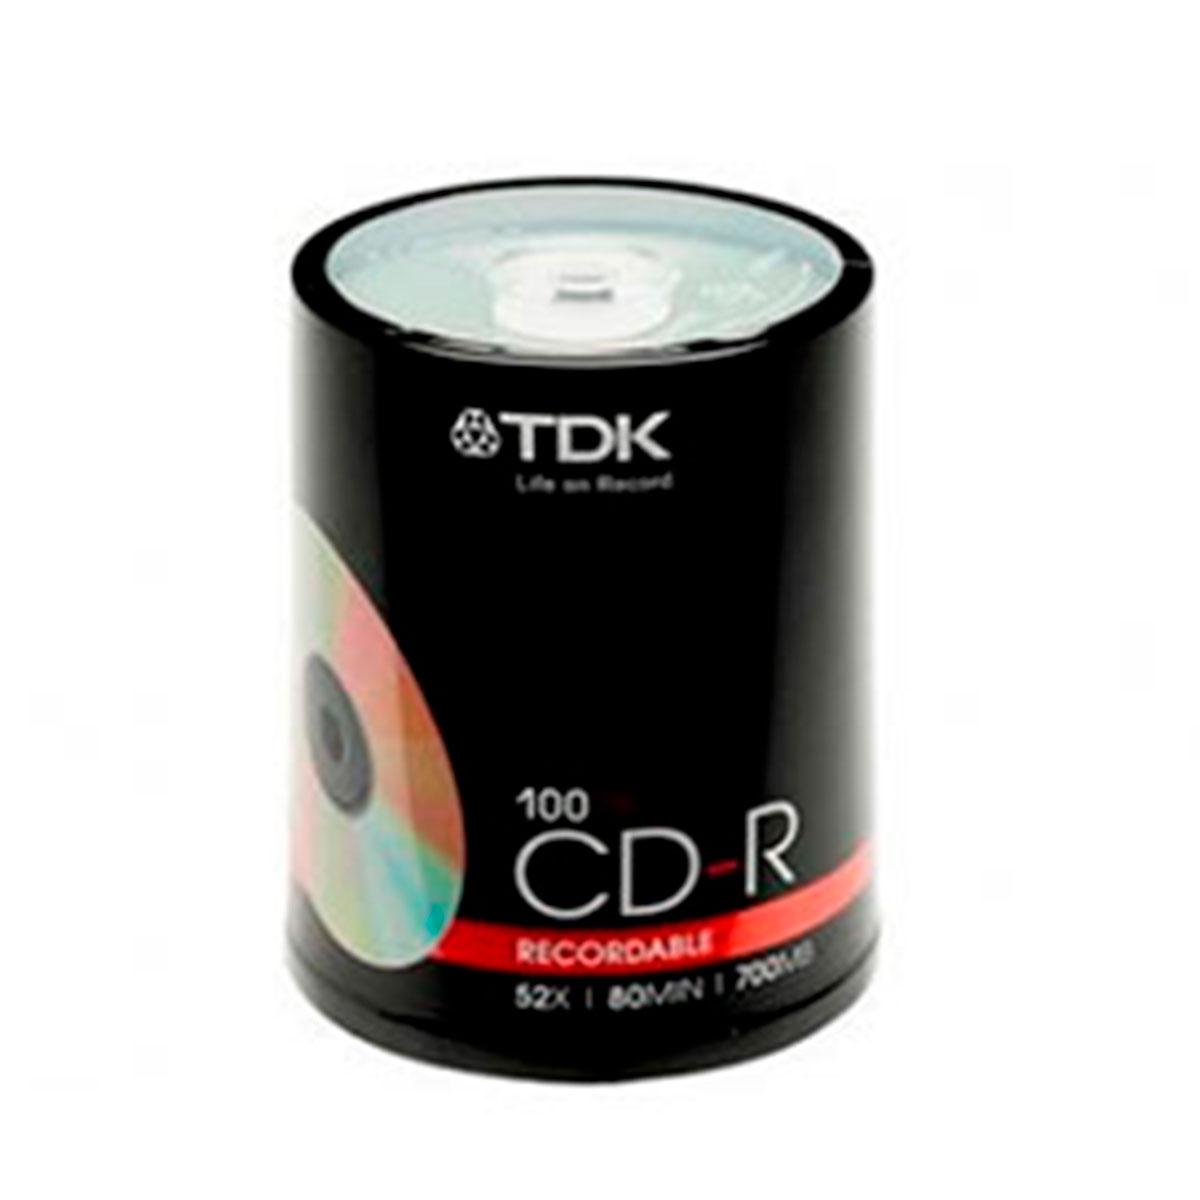 CDTDK